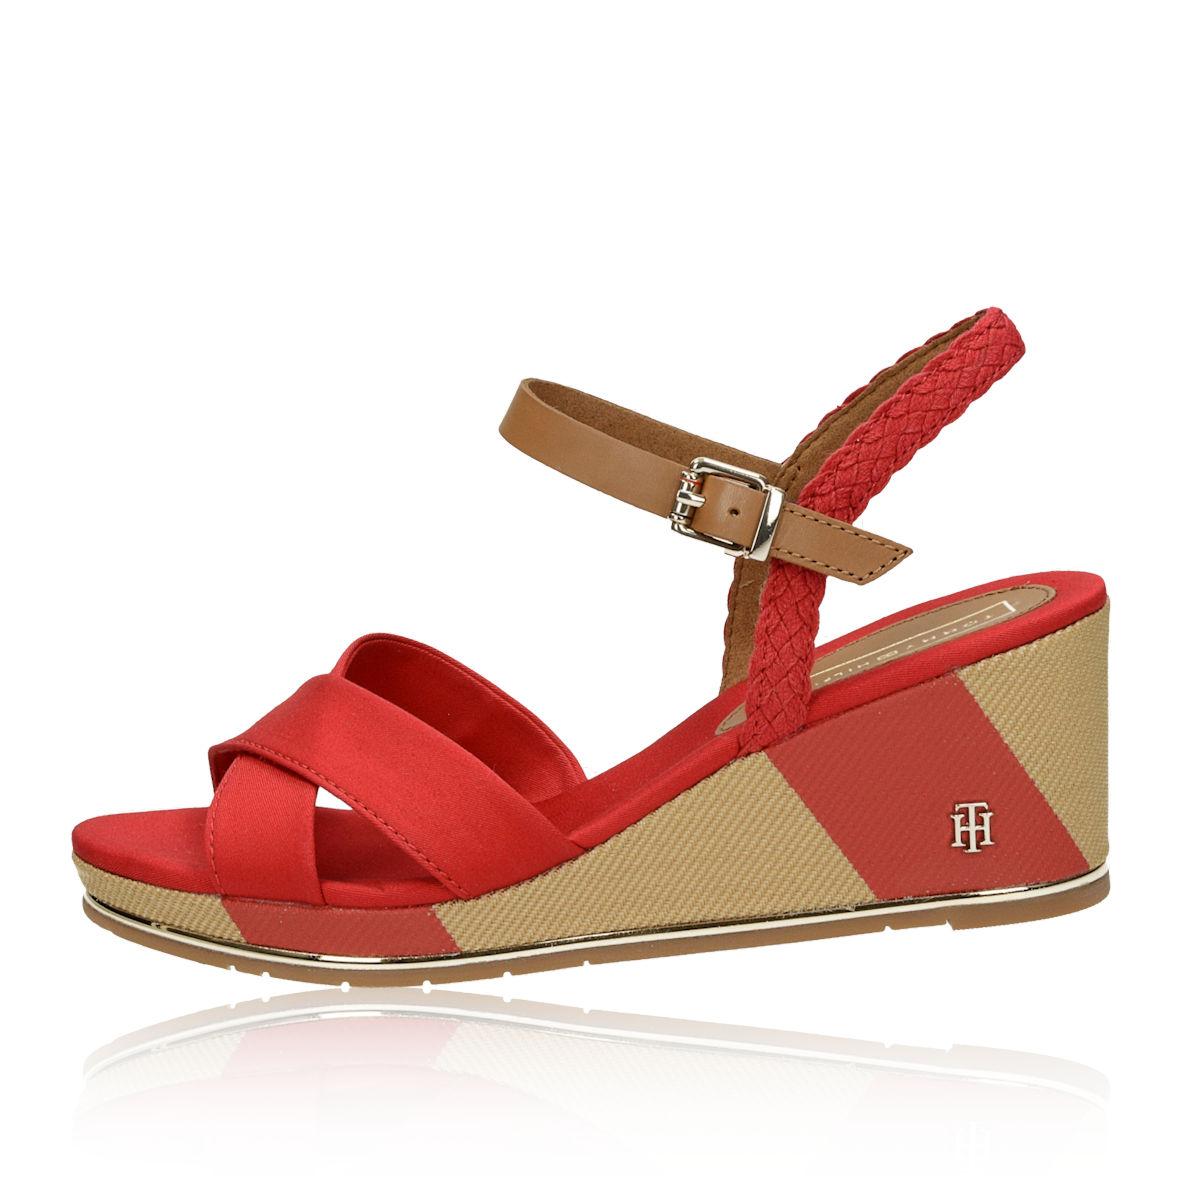 Tommy Hilfiger dámské stylové sandály - červené